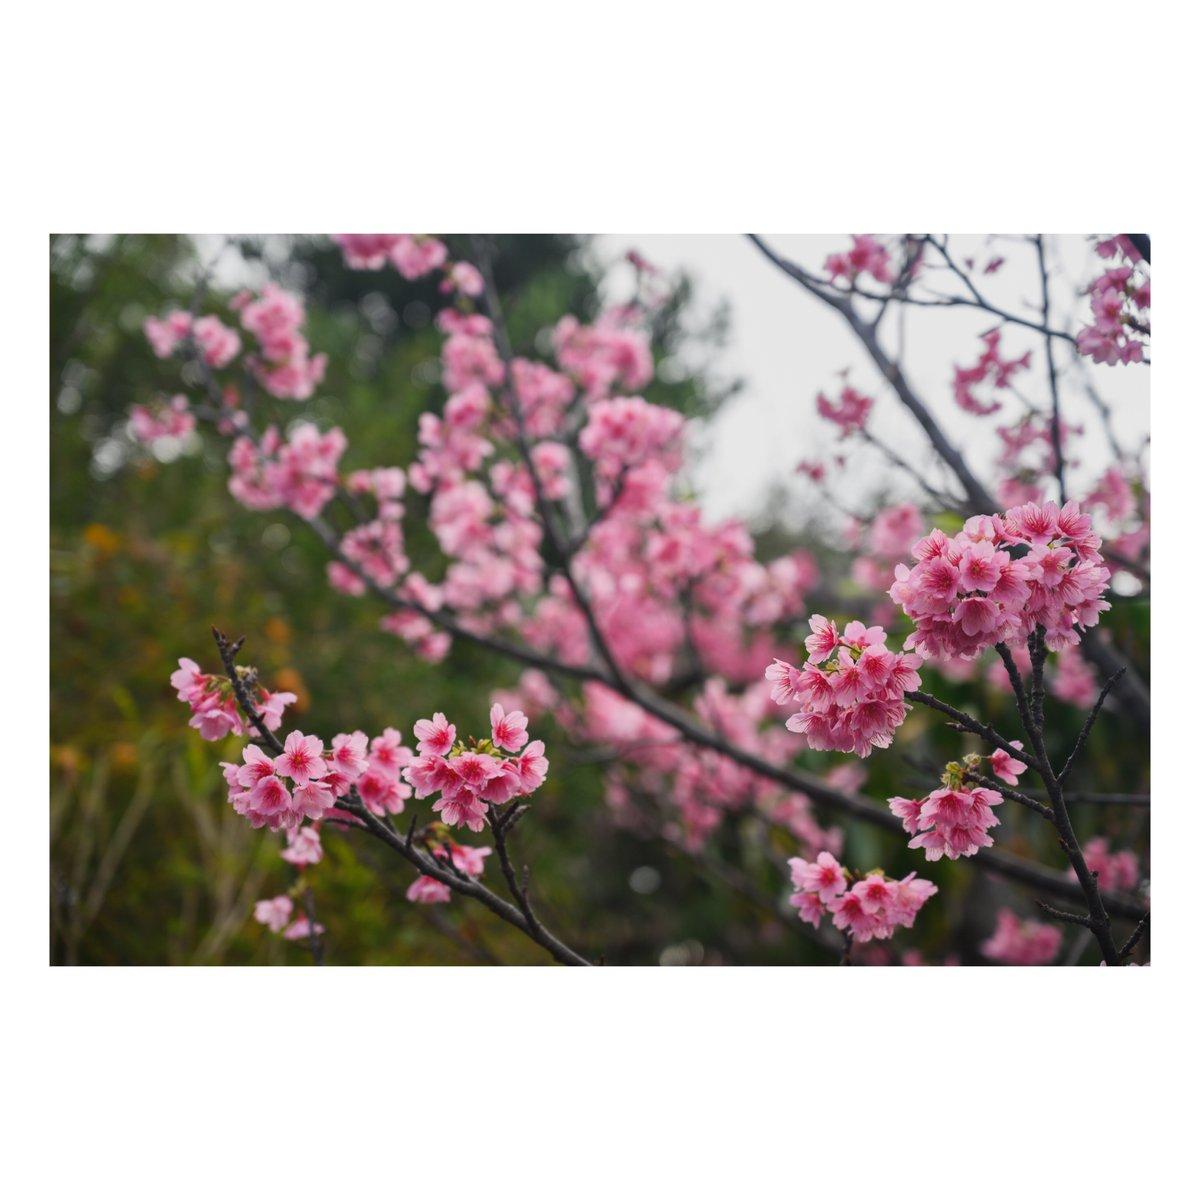 あでやかな美人。 #写真 #ファインダー越しの私の世界  #写真シェア #写真好きと繋がりたい #Nikon #Z6 #Z2470F4 #お写ん歩 #沖縄 #vsco #桜 #花 #2月ふぉと